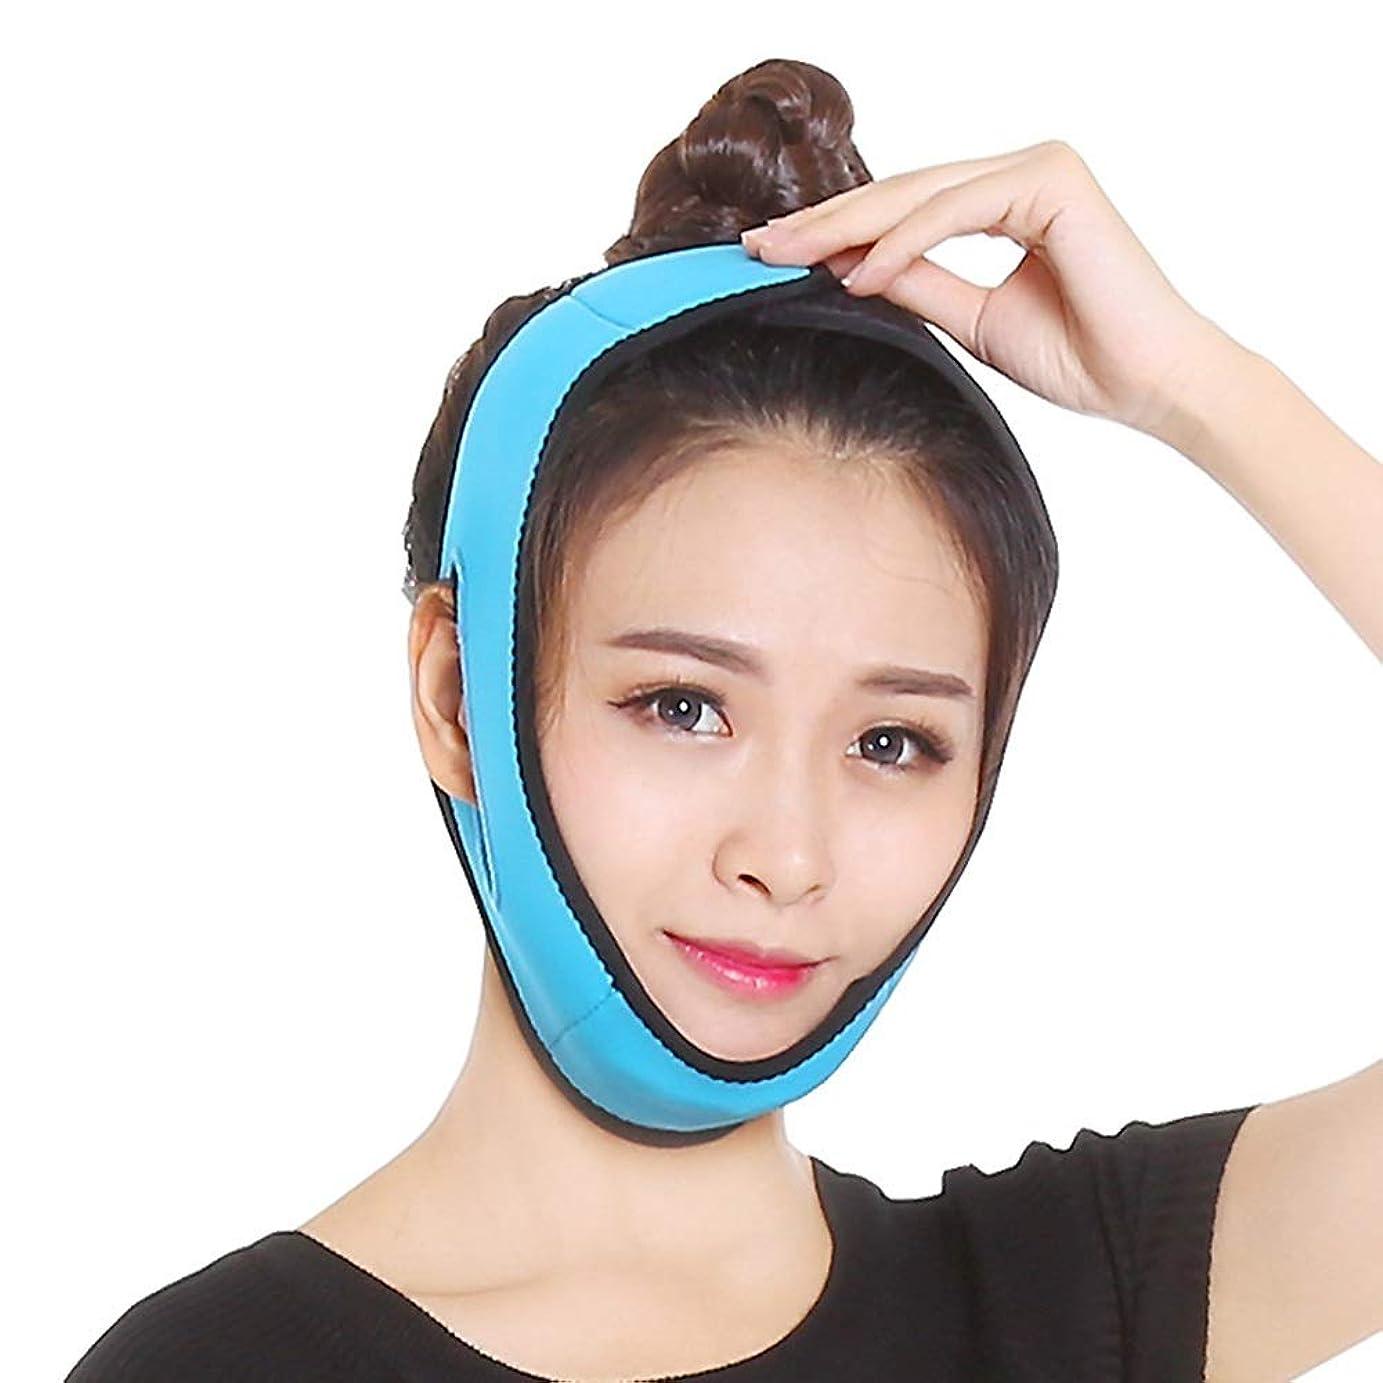 マットレスマントルタフ薄い顔のベルト - 薄い顔のツール薄い顔のベルト通気性のラテックスのマッサージV型の顔のアーティファクトの顔の薄いマスク